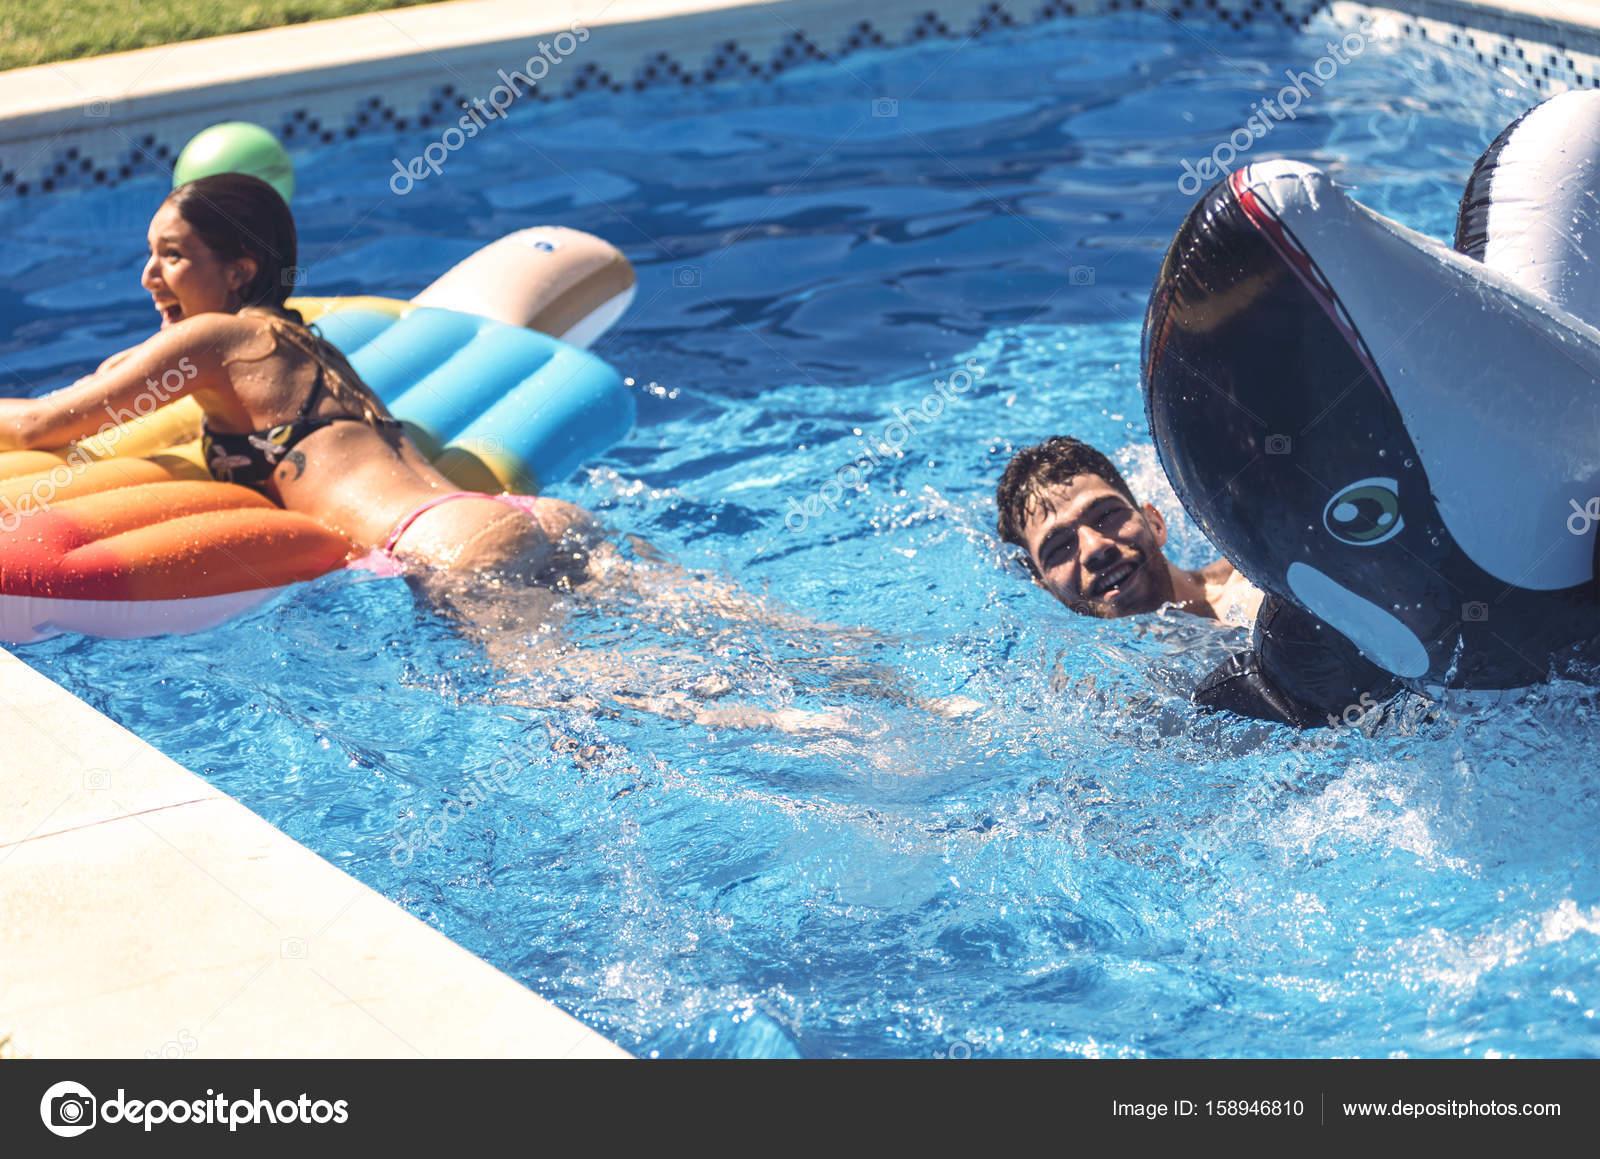 mann und frau gemeinsam im pool schwimmen stockfoto klublub 158946810. Black Bedroom Furniture Sets. Home Design Ideas